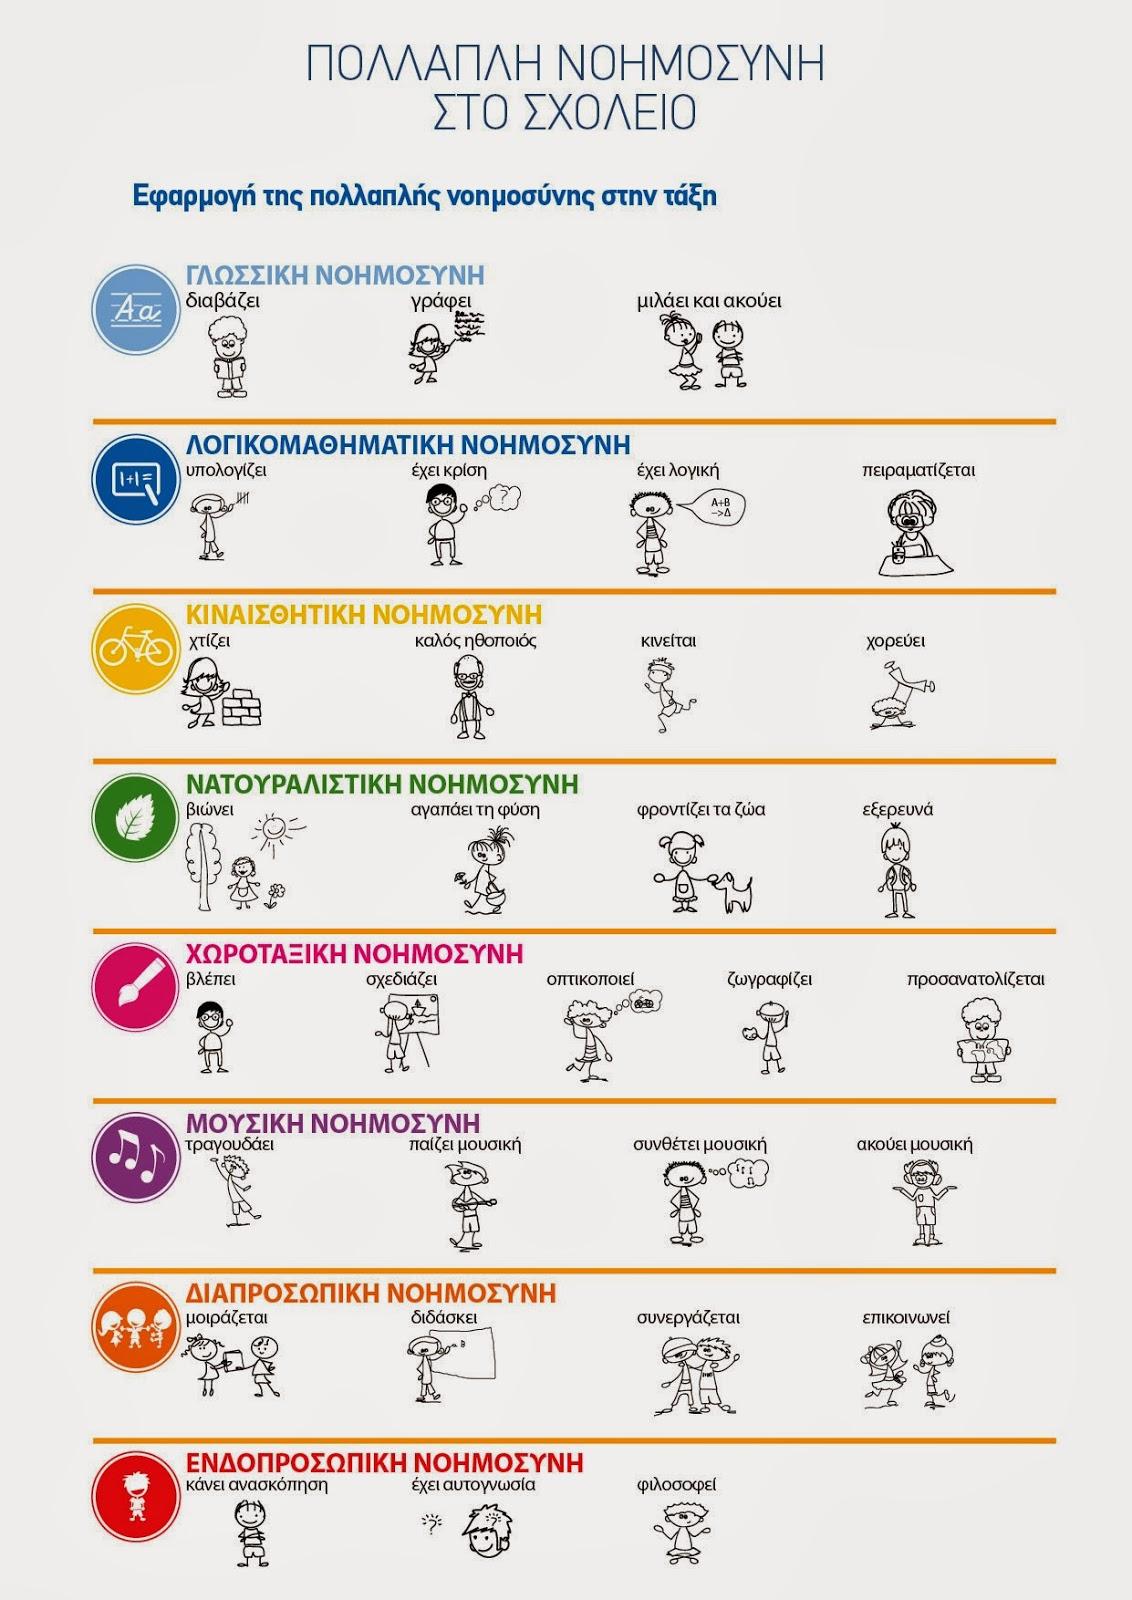 Εφαρμογή της πολλαπλής νοημοσύνης στην σχολική τάξη από το NOESI.gr.